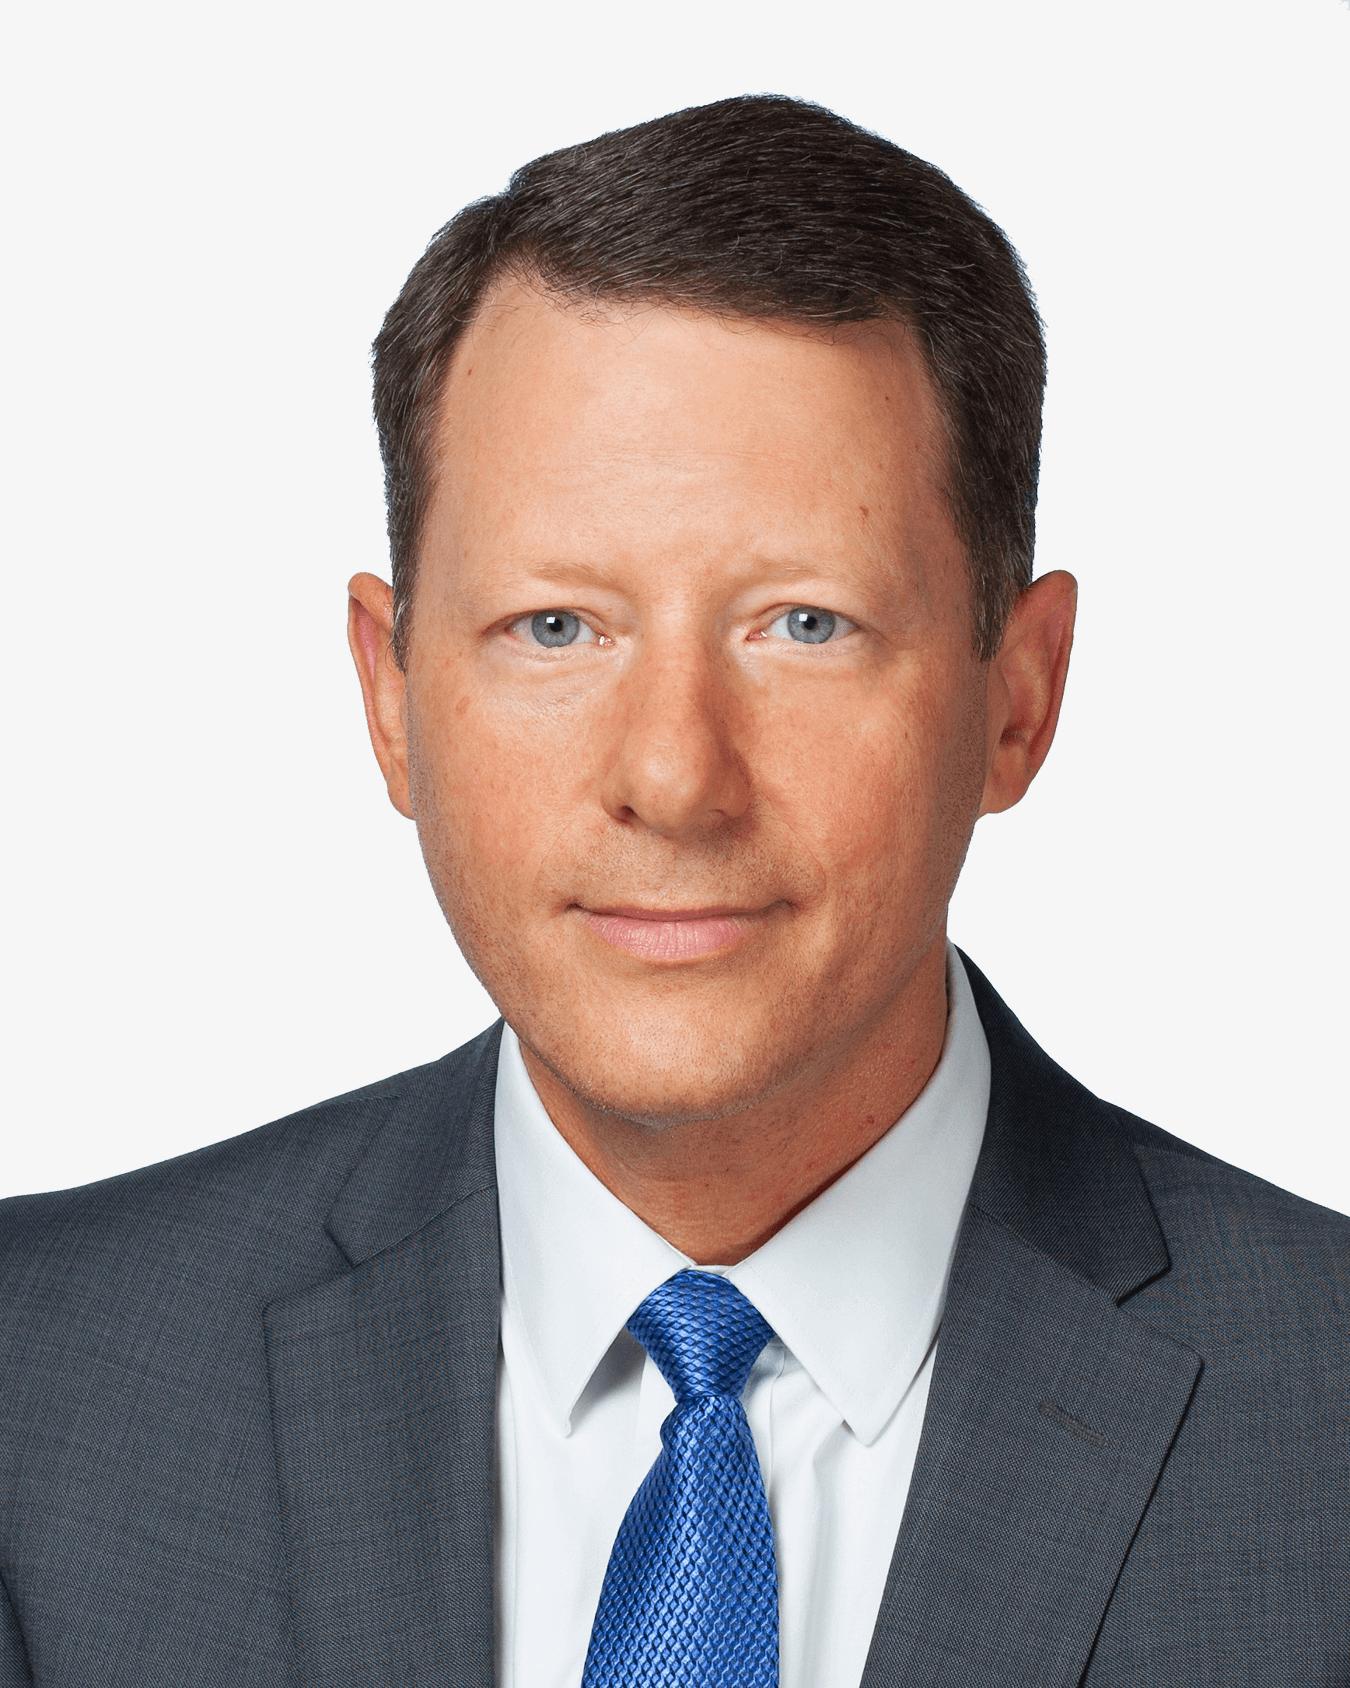 Attorney Craig Milsten